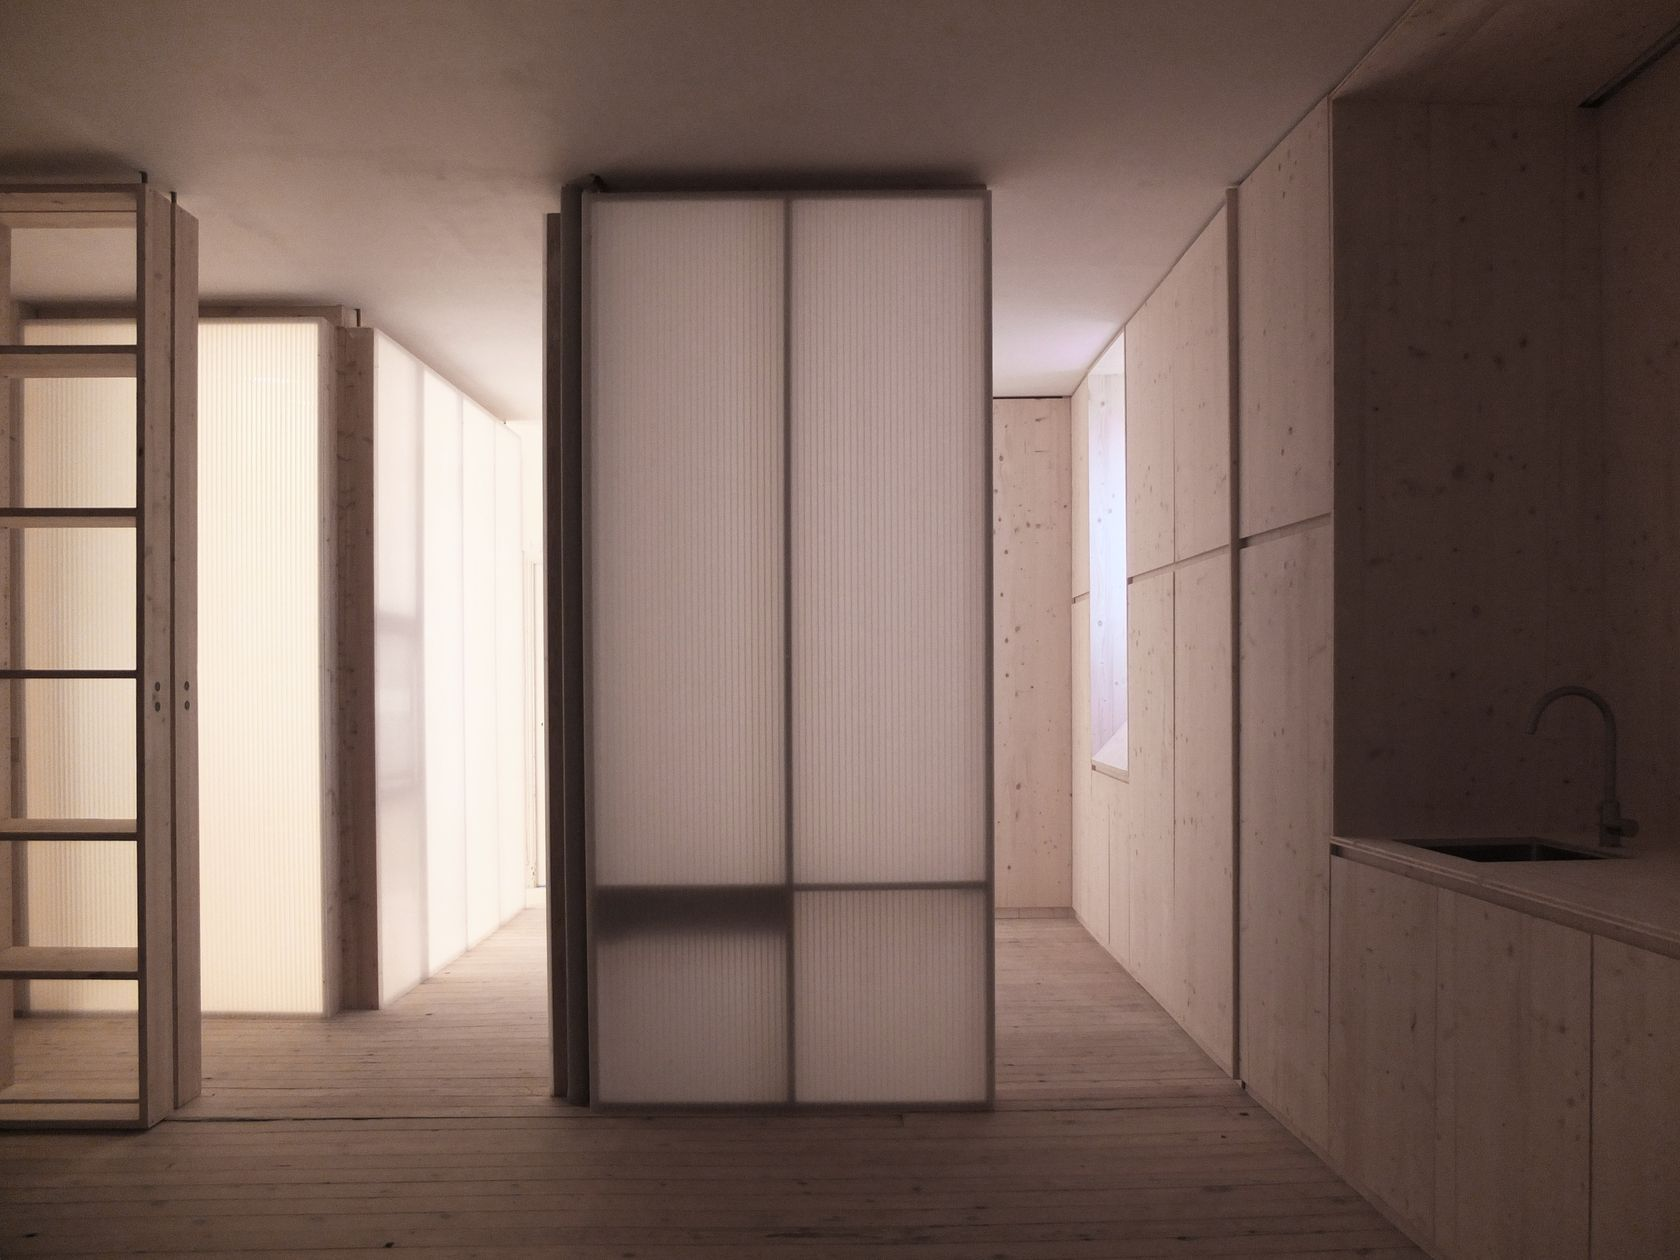 A bureau architectures sans titre by bast at architizer